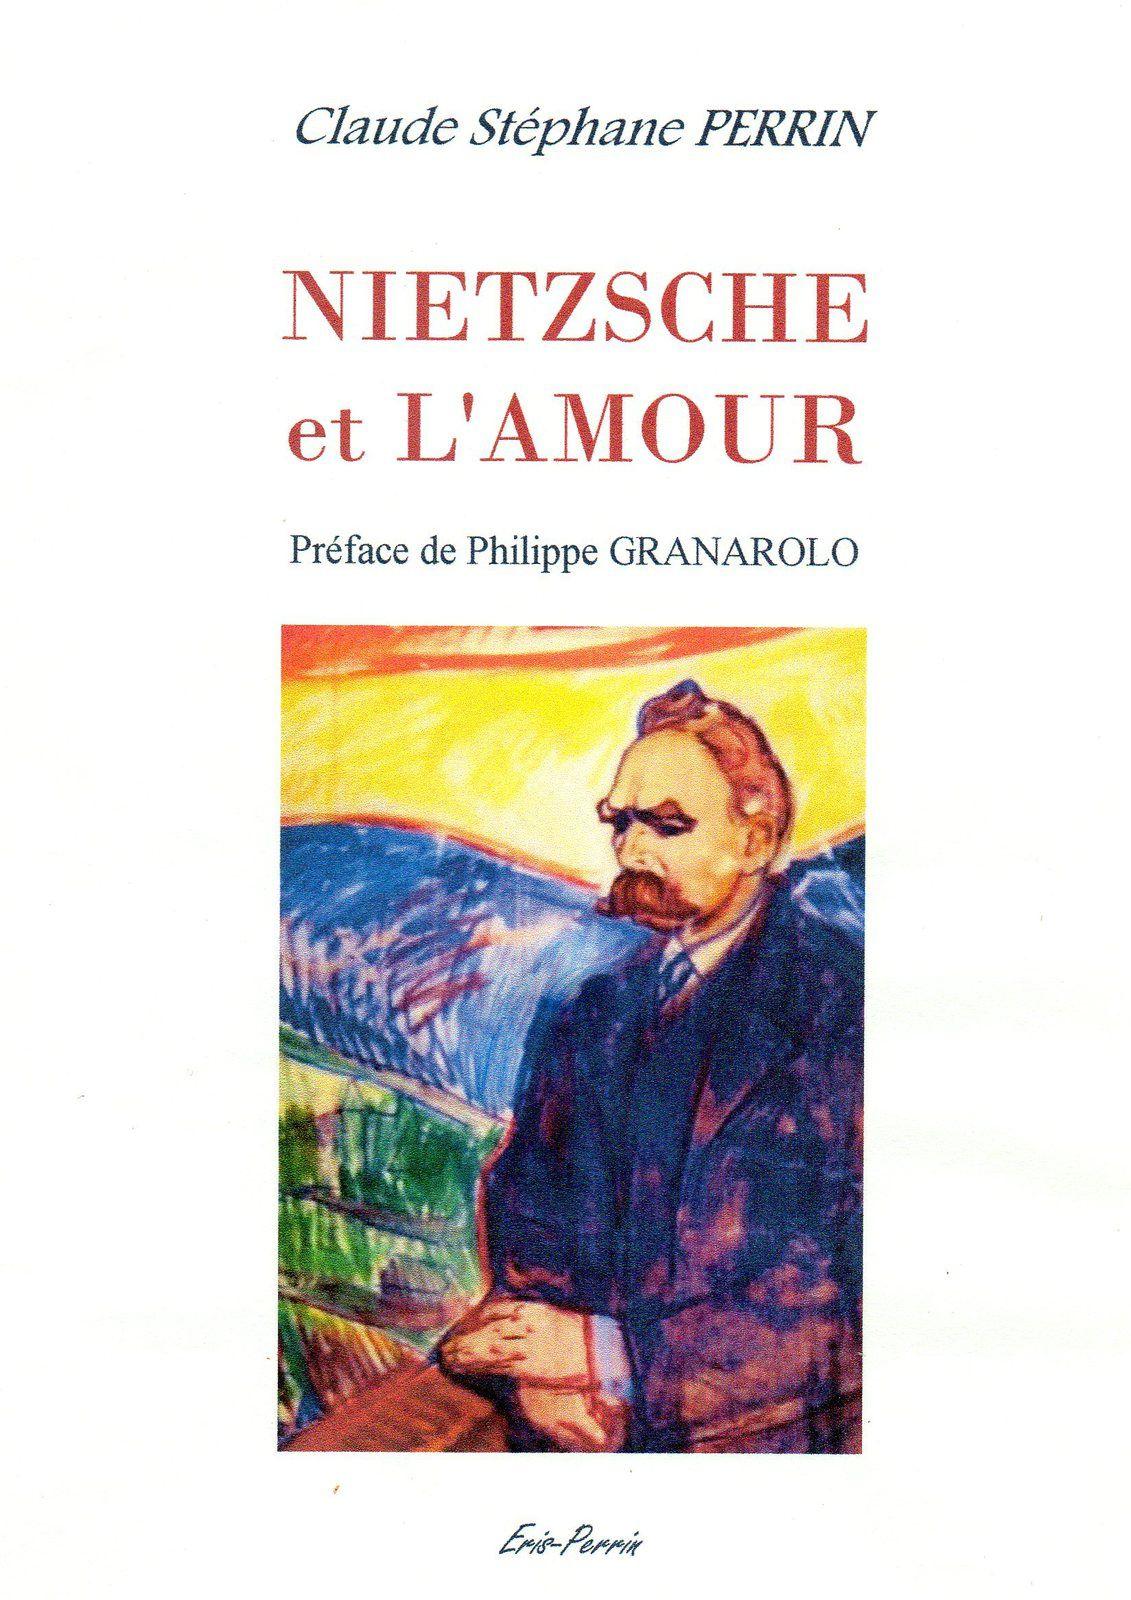 Nietzsche : philosopher, un art de transfigurer.